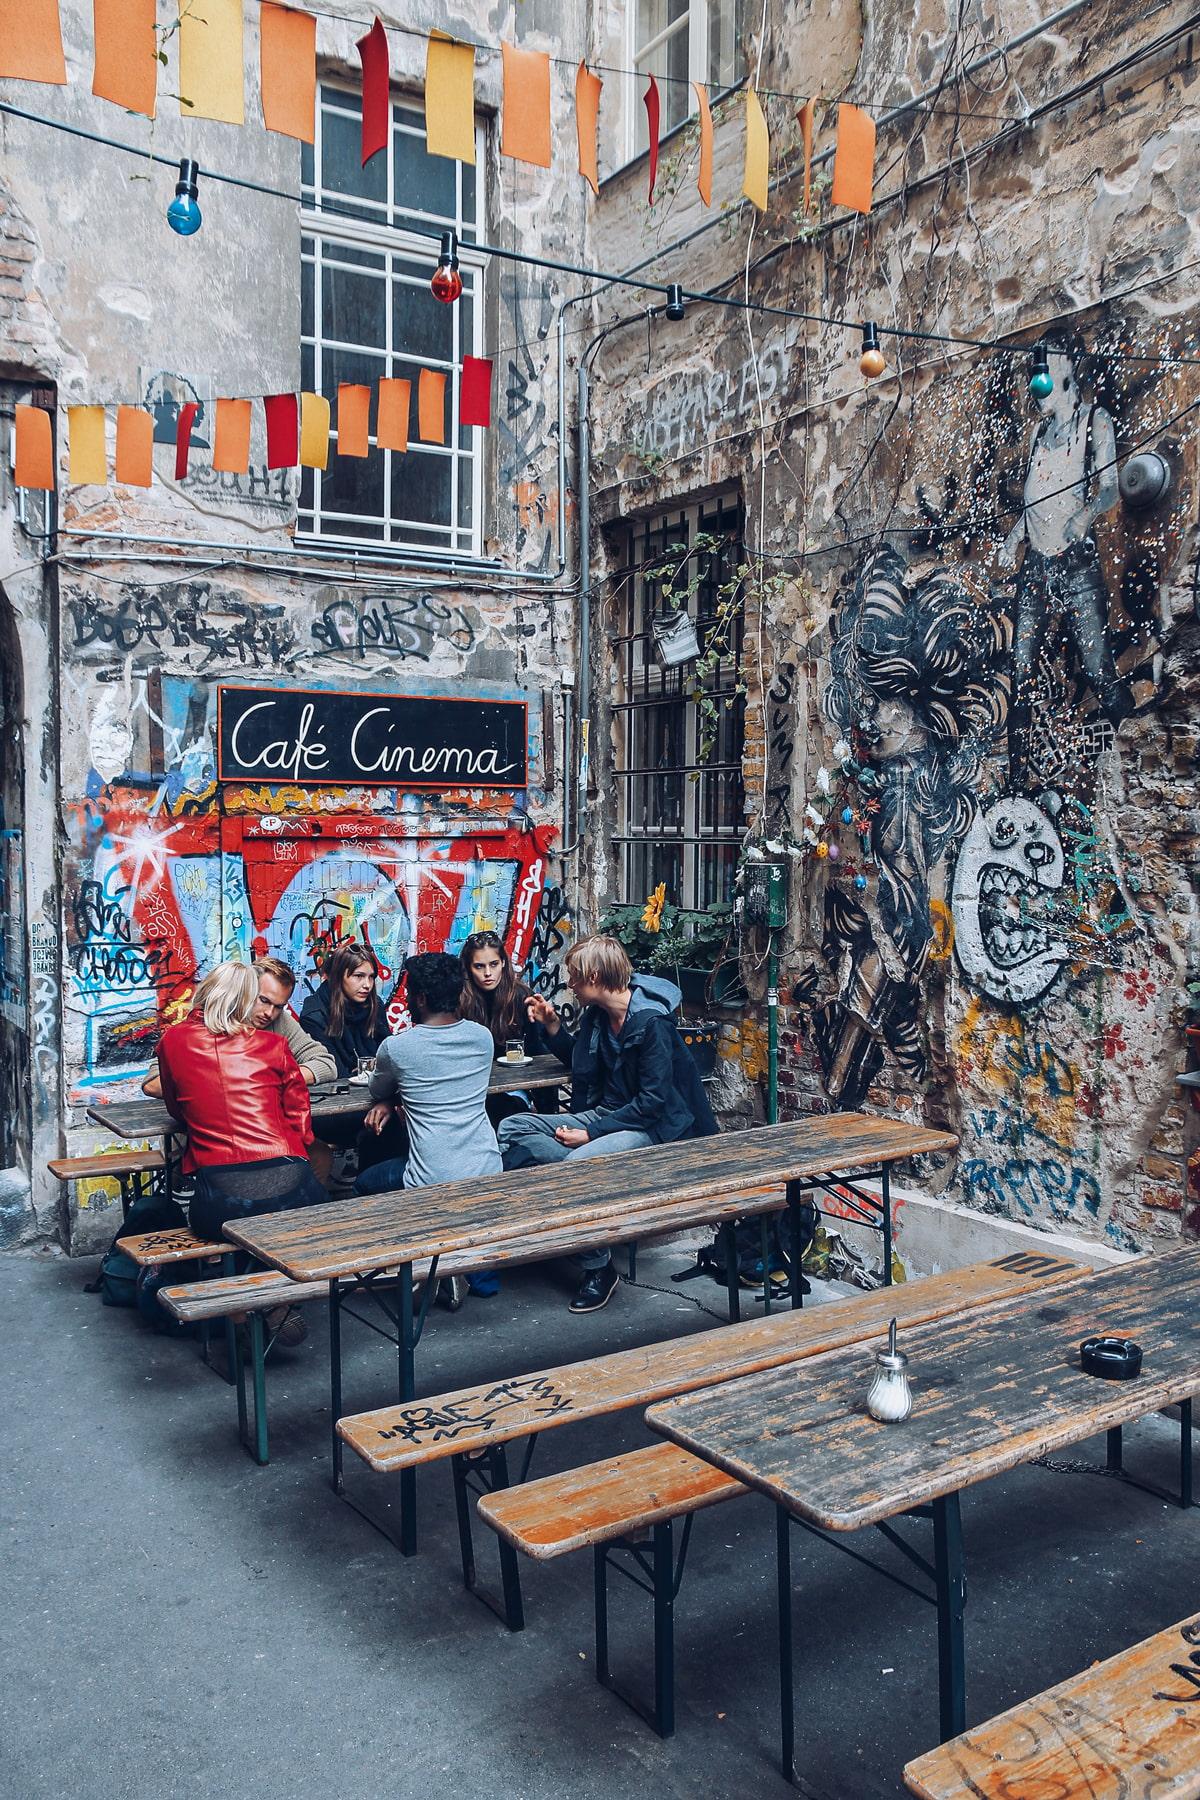 Cafe in Berlin's Hackesche Hofe